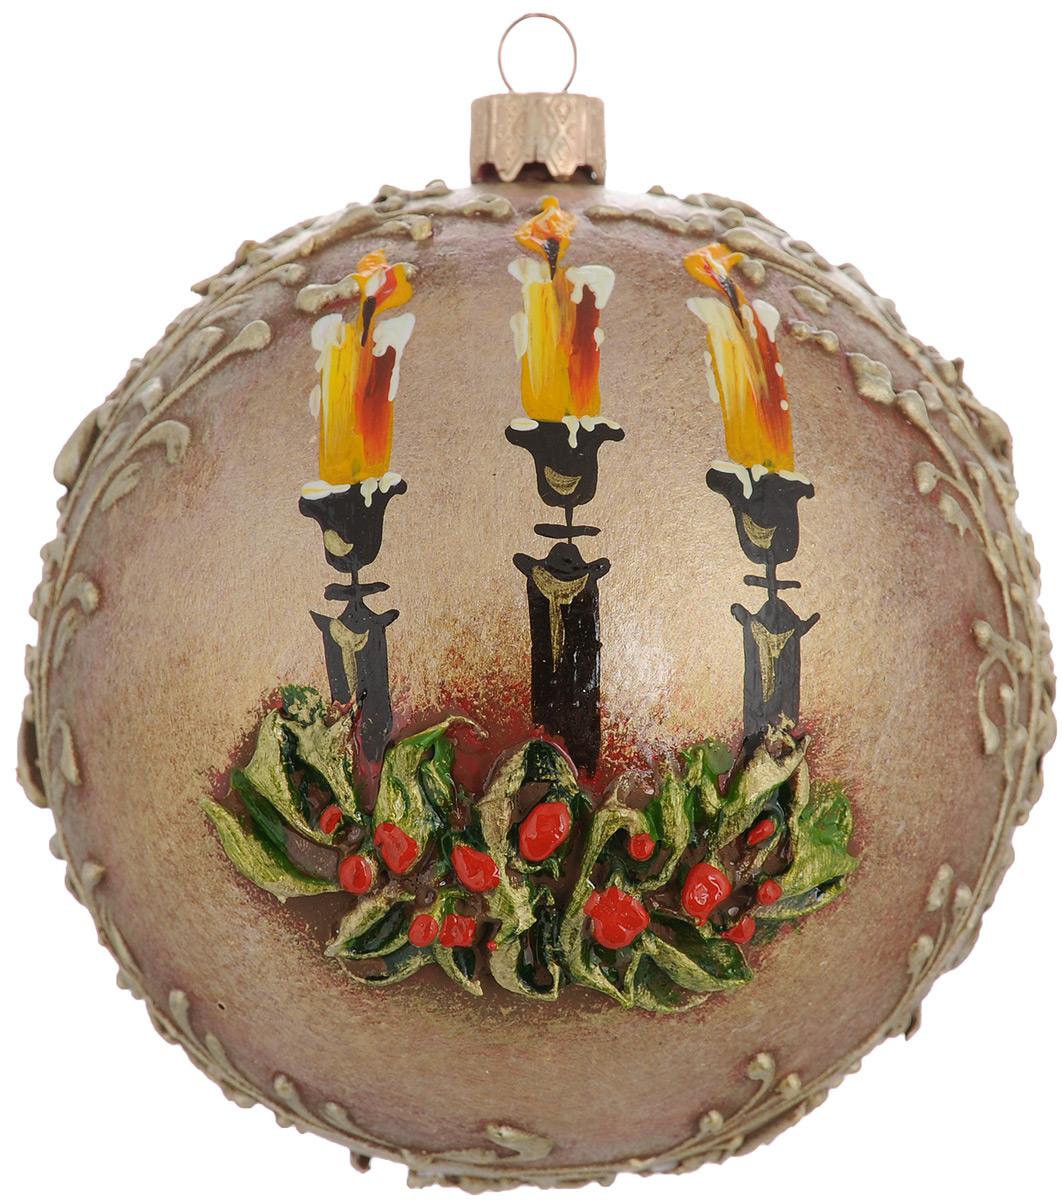 Новогоднее подвесное украшение Три свечи, диаметр 10 см. Ручная росписьH-100-0001-S-Три свечиНовогоднее украшение Три свечи отлично подойдет для украшения вашего дома и новогодней ели. Игрушка выполнена из тонкого стекла в виде шара и декорирована изображением подсвечника со свечами на фоне листьев остролиста. Украшение оснащено специальной металлической петелькой, в которую можно продеть нитку или ленту для подвешивания. Елочная игрушка - символ Нового года. Она несет в себе волшебство и красоту праздника. Создайте в своем доме атмосферу веселья и радости, украшая всей семьей новогоднюю елку нарядными игрушками, которые будут из года в год накапливать теплоту воспоминаний.